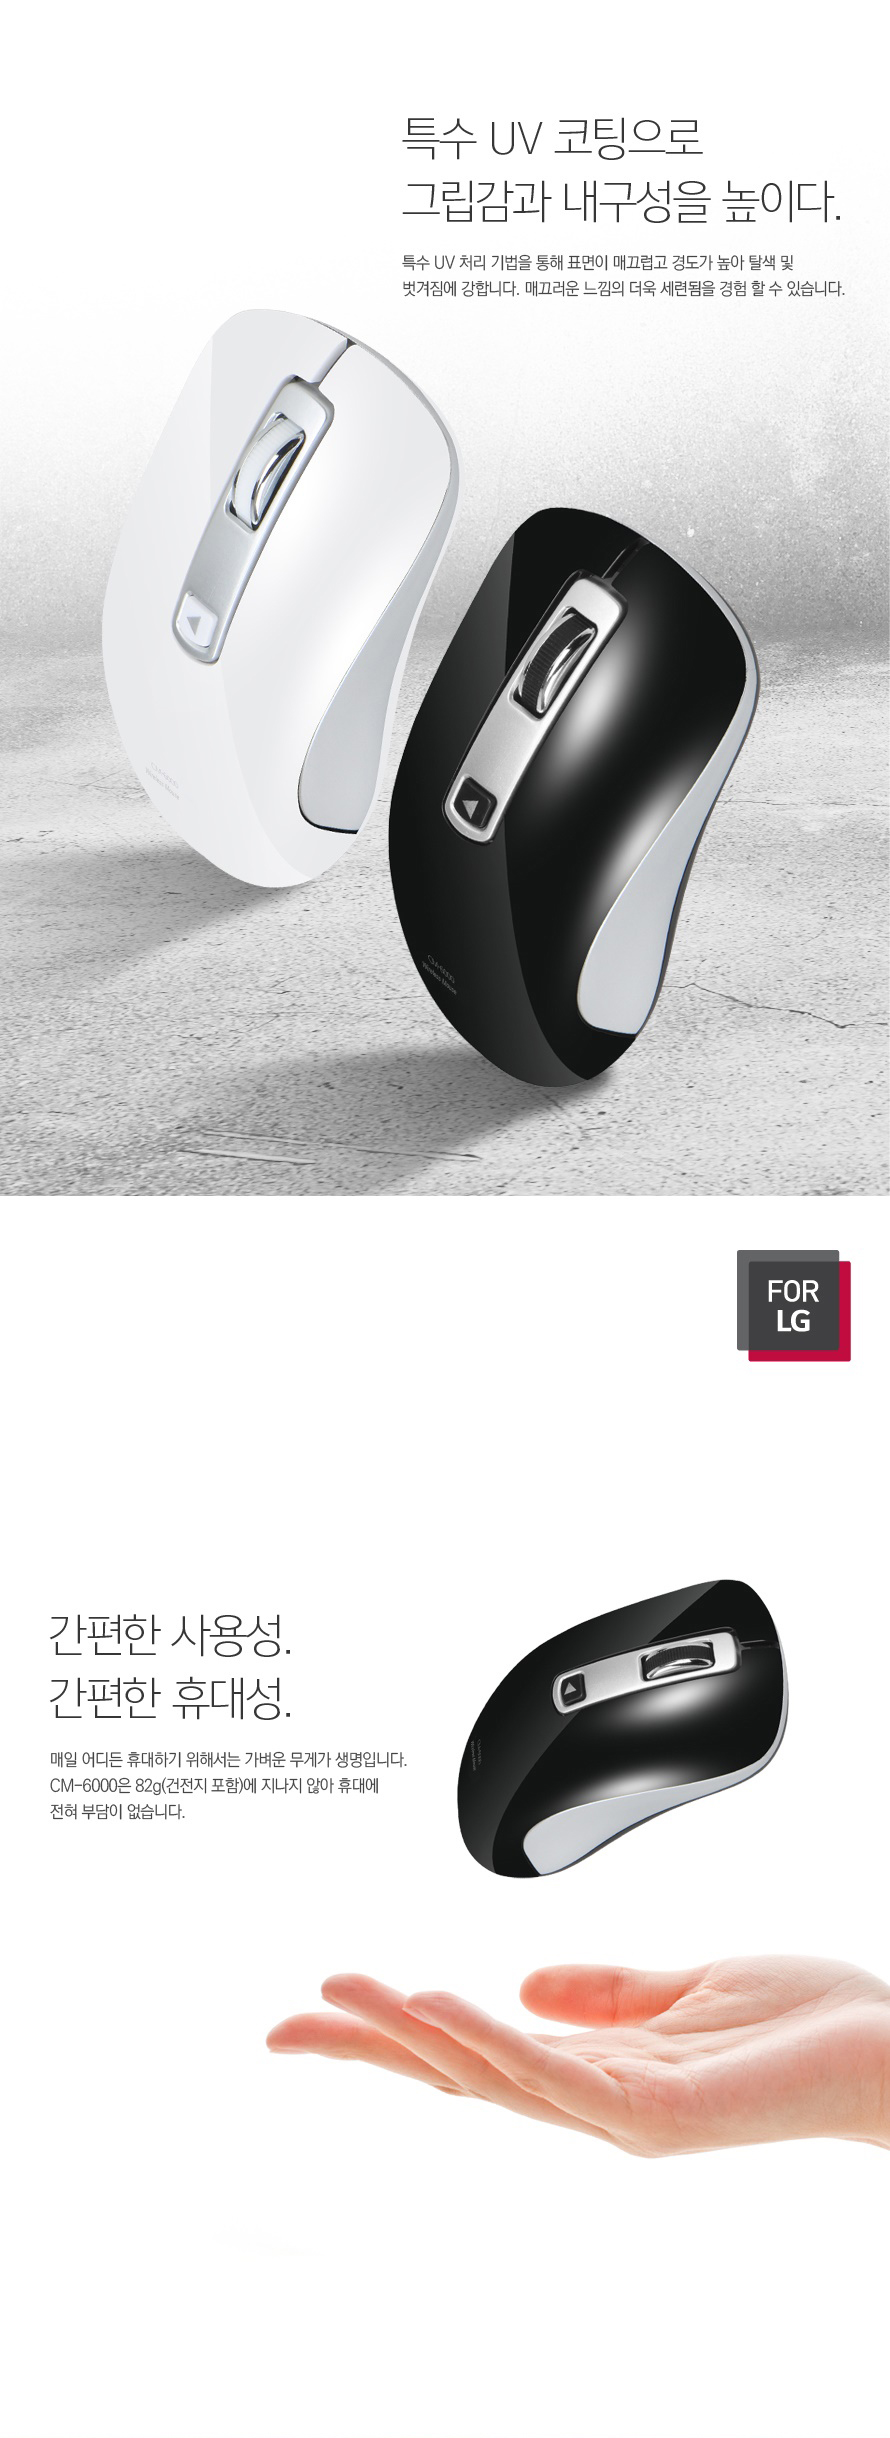 청맥전자 For LG CM-6000 (화이트)